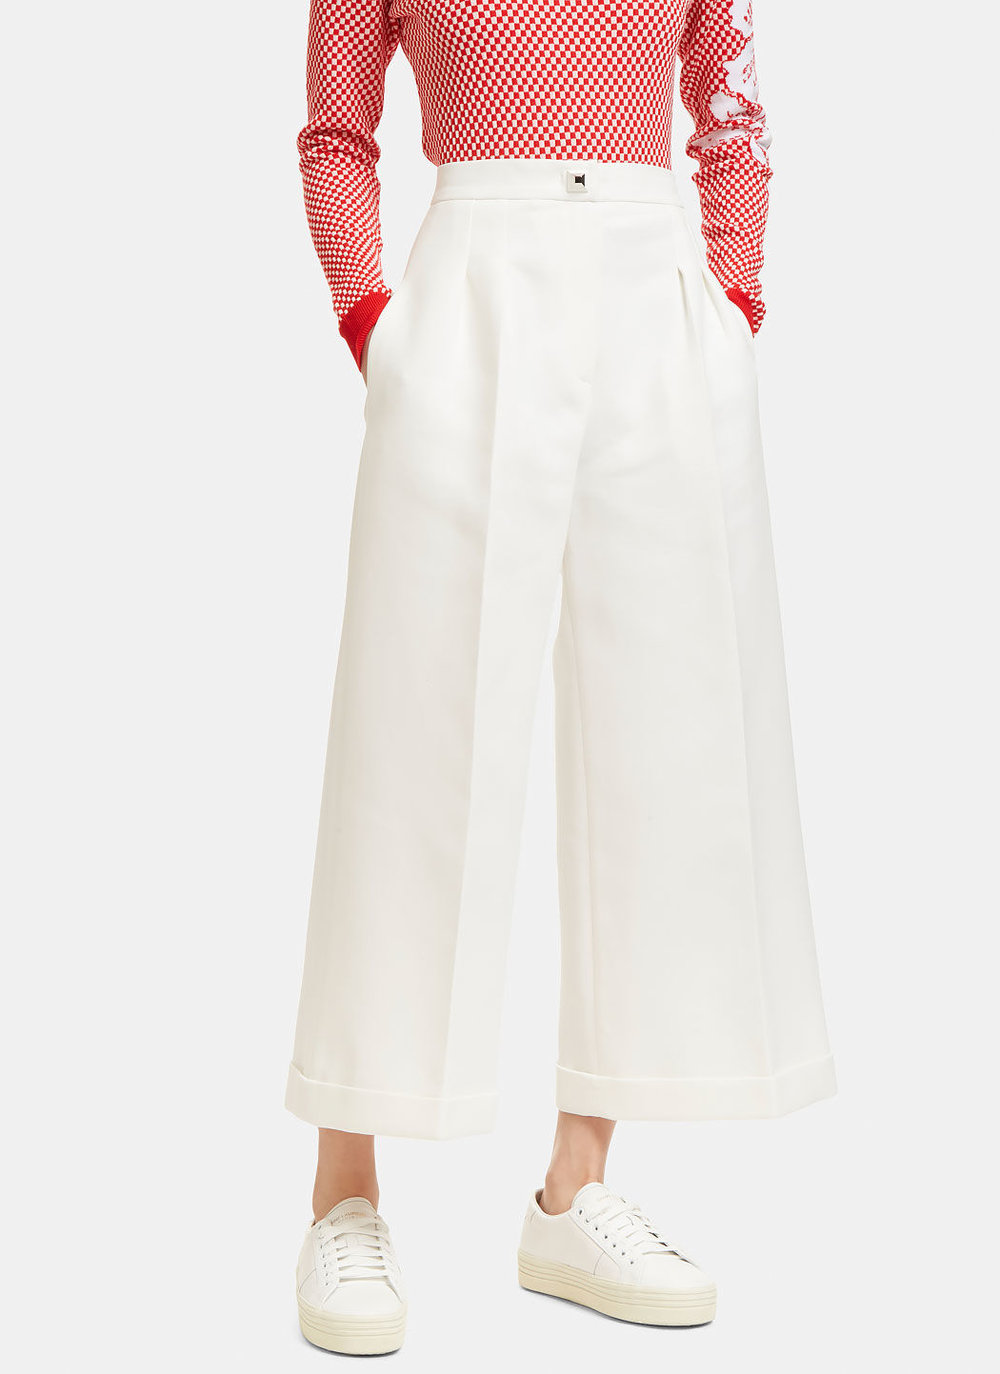 LNCC- Fendi Wide Leg Pant - £860